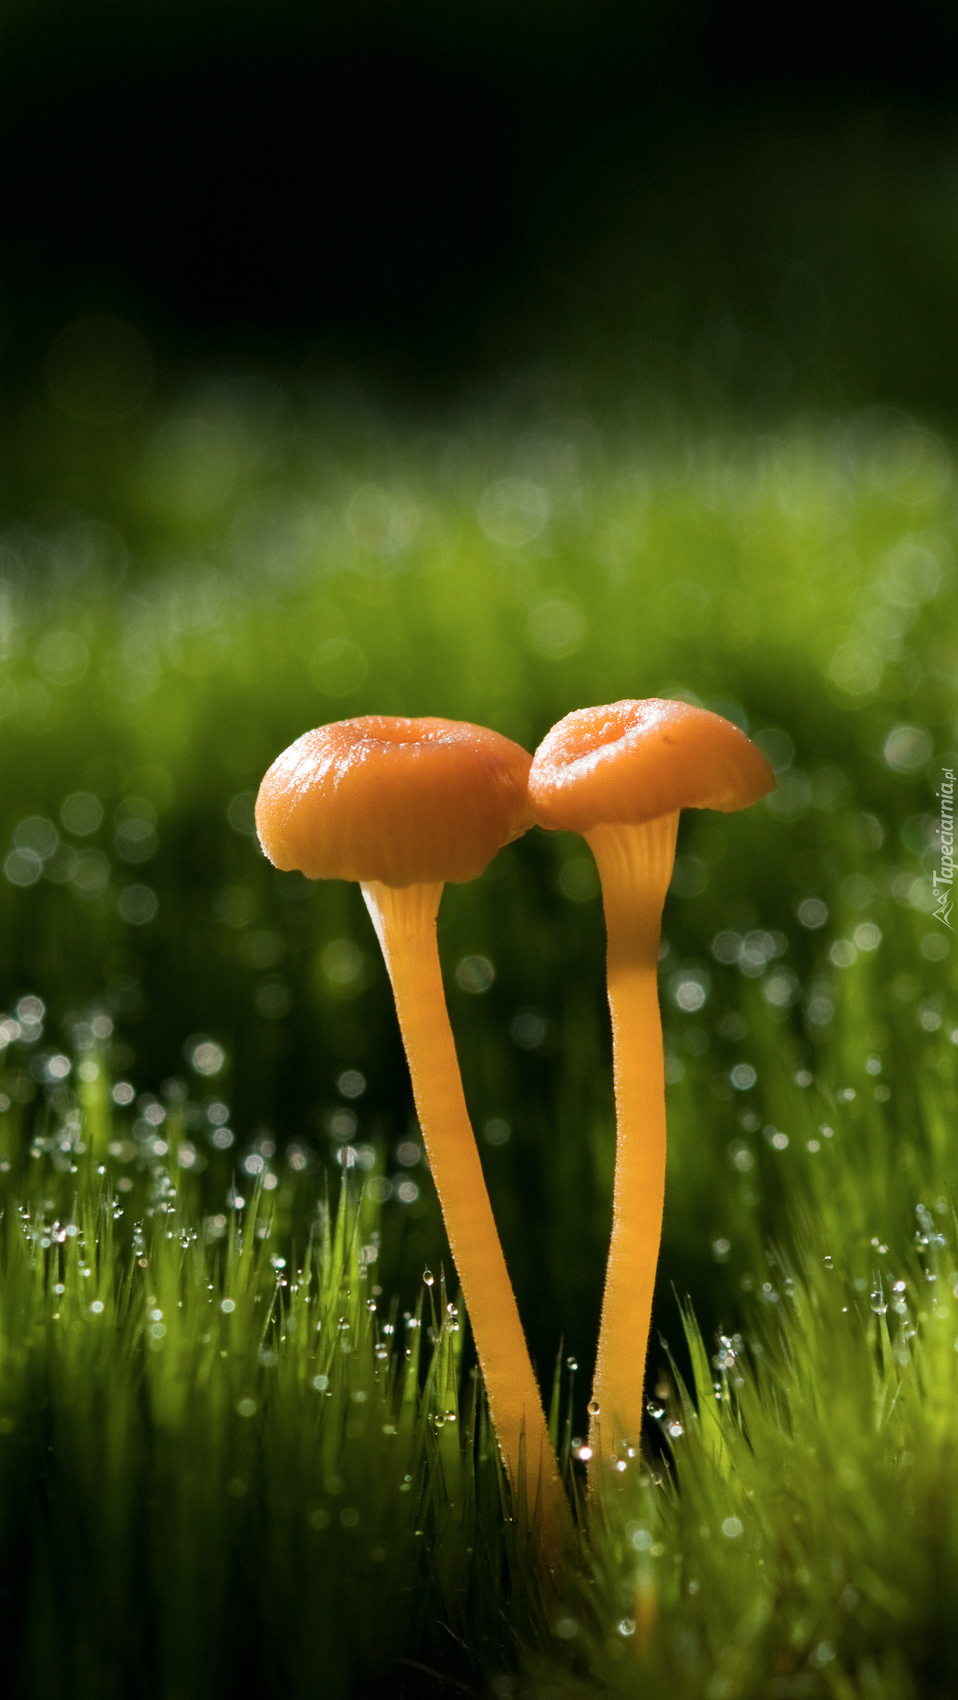 Dwa grzybki w mokrej od rosy trawie